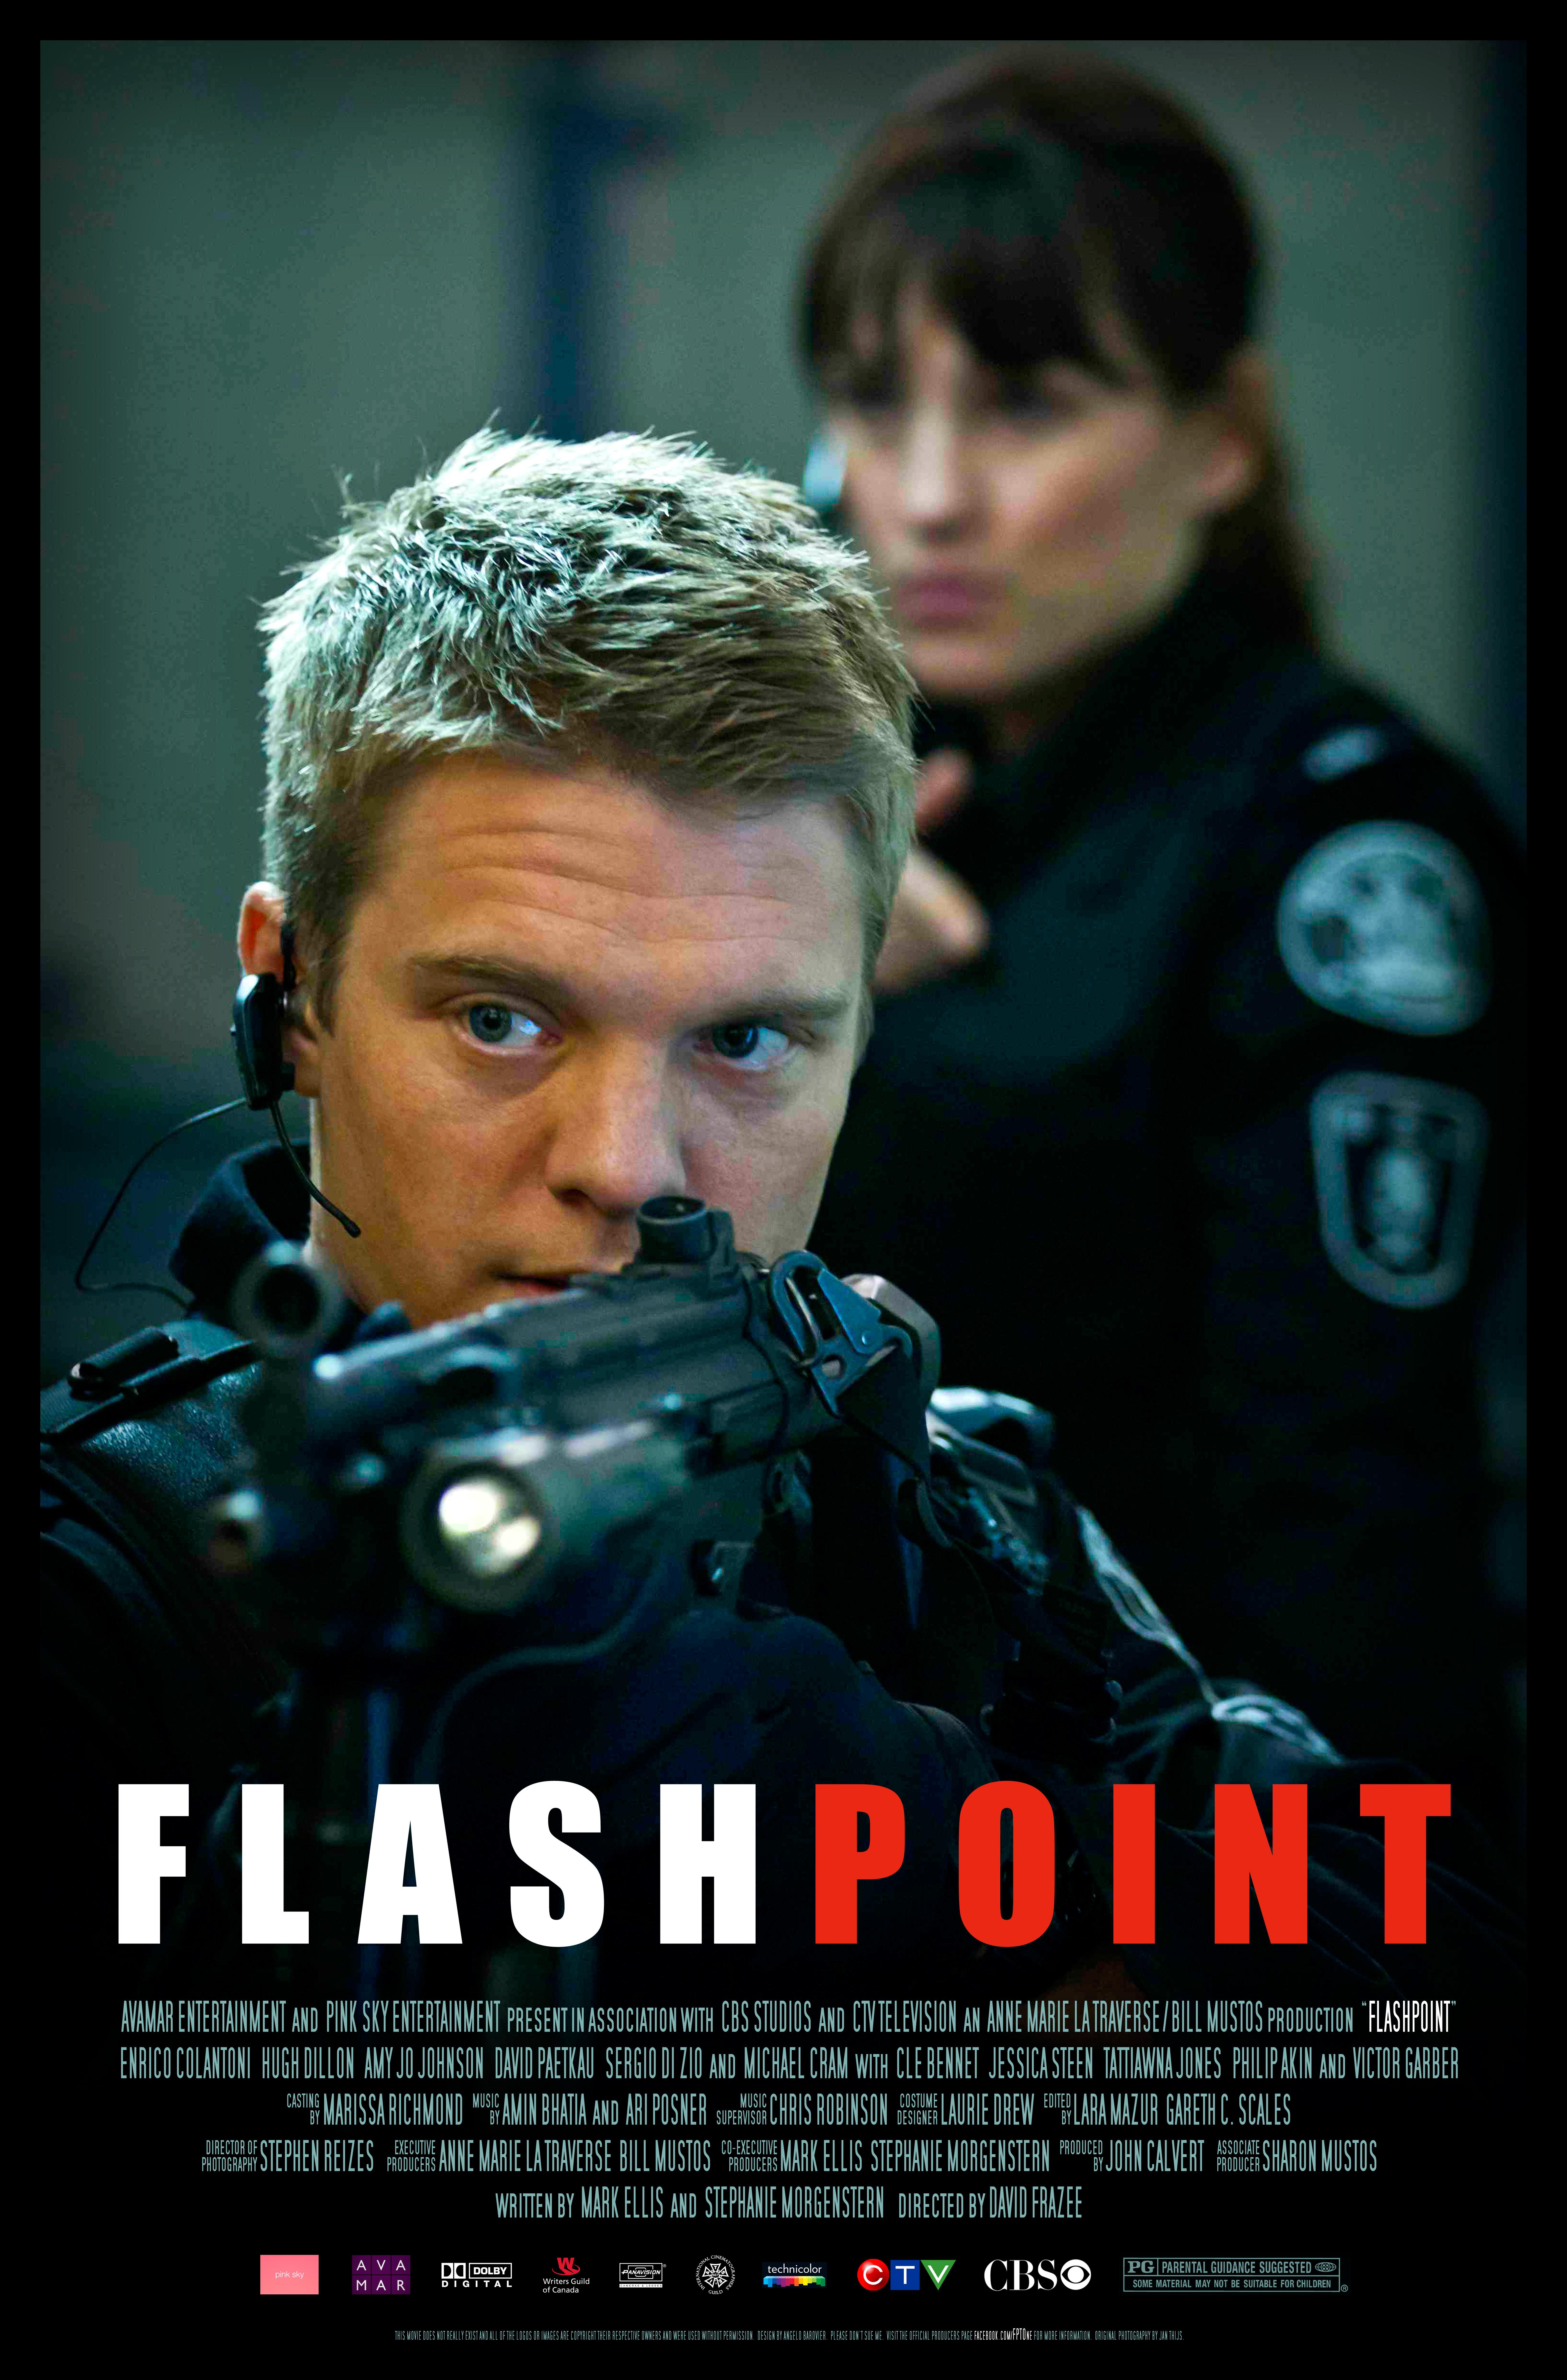 flashpoint film